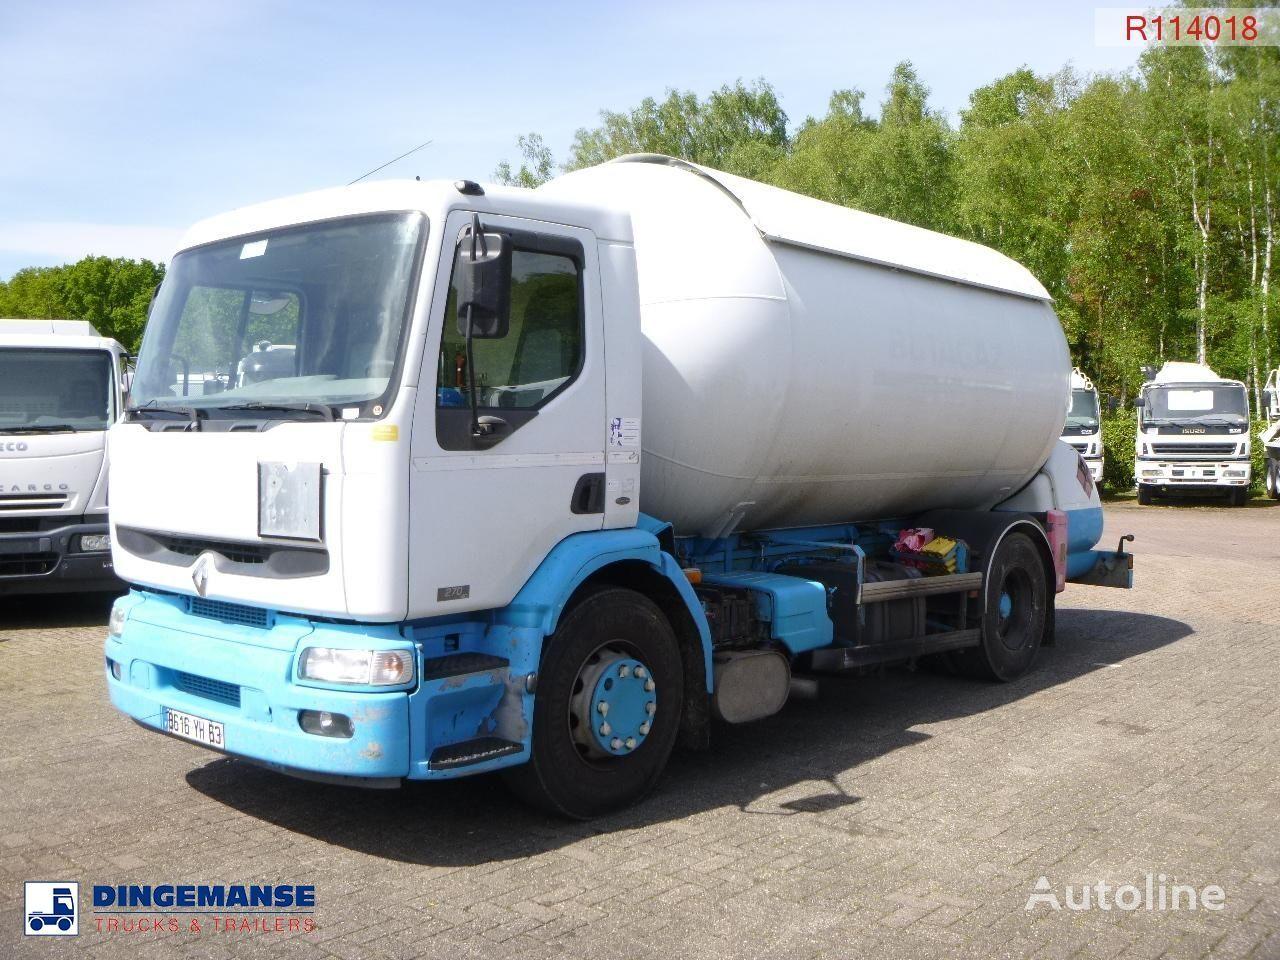 camion de gaz RENAULT Premium 270.19 4x2 gas tank 19.7 m3